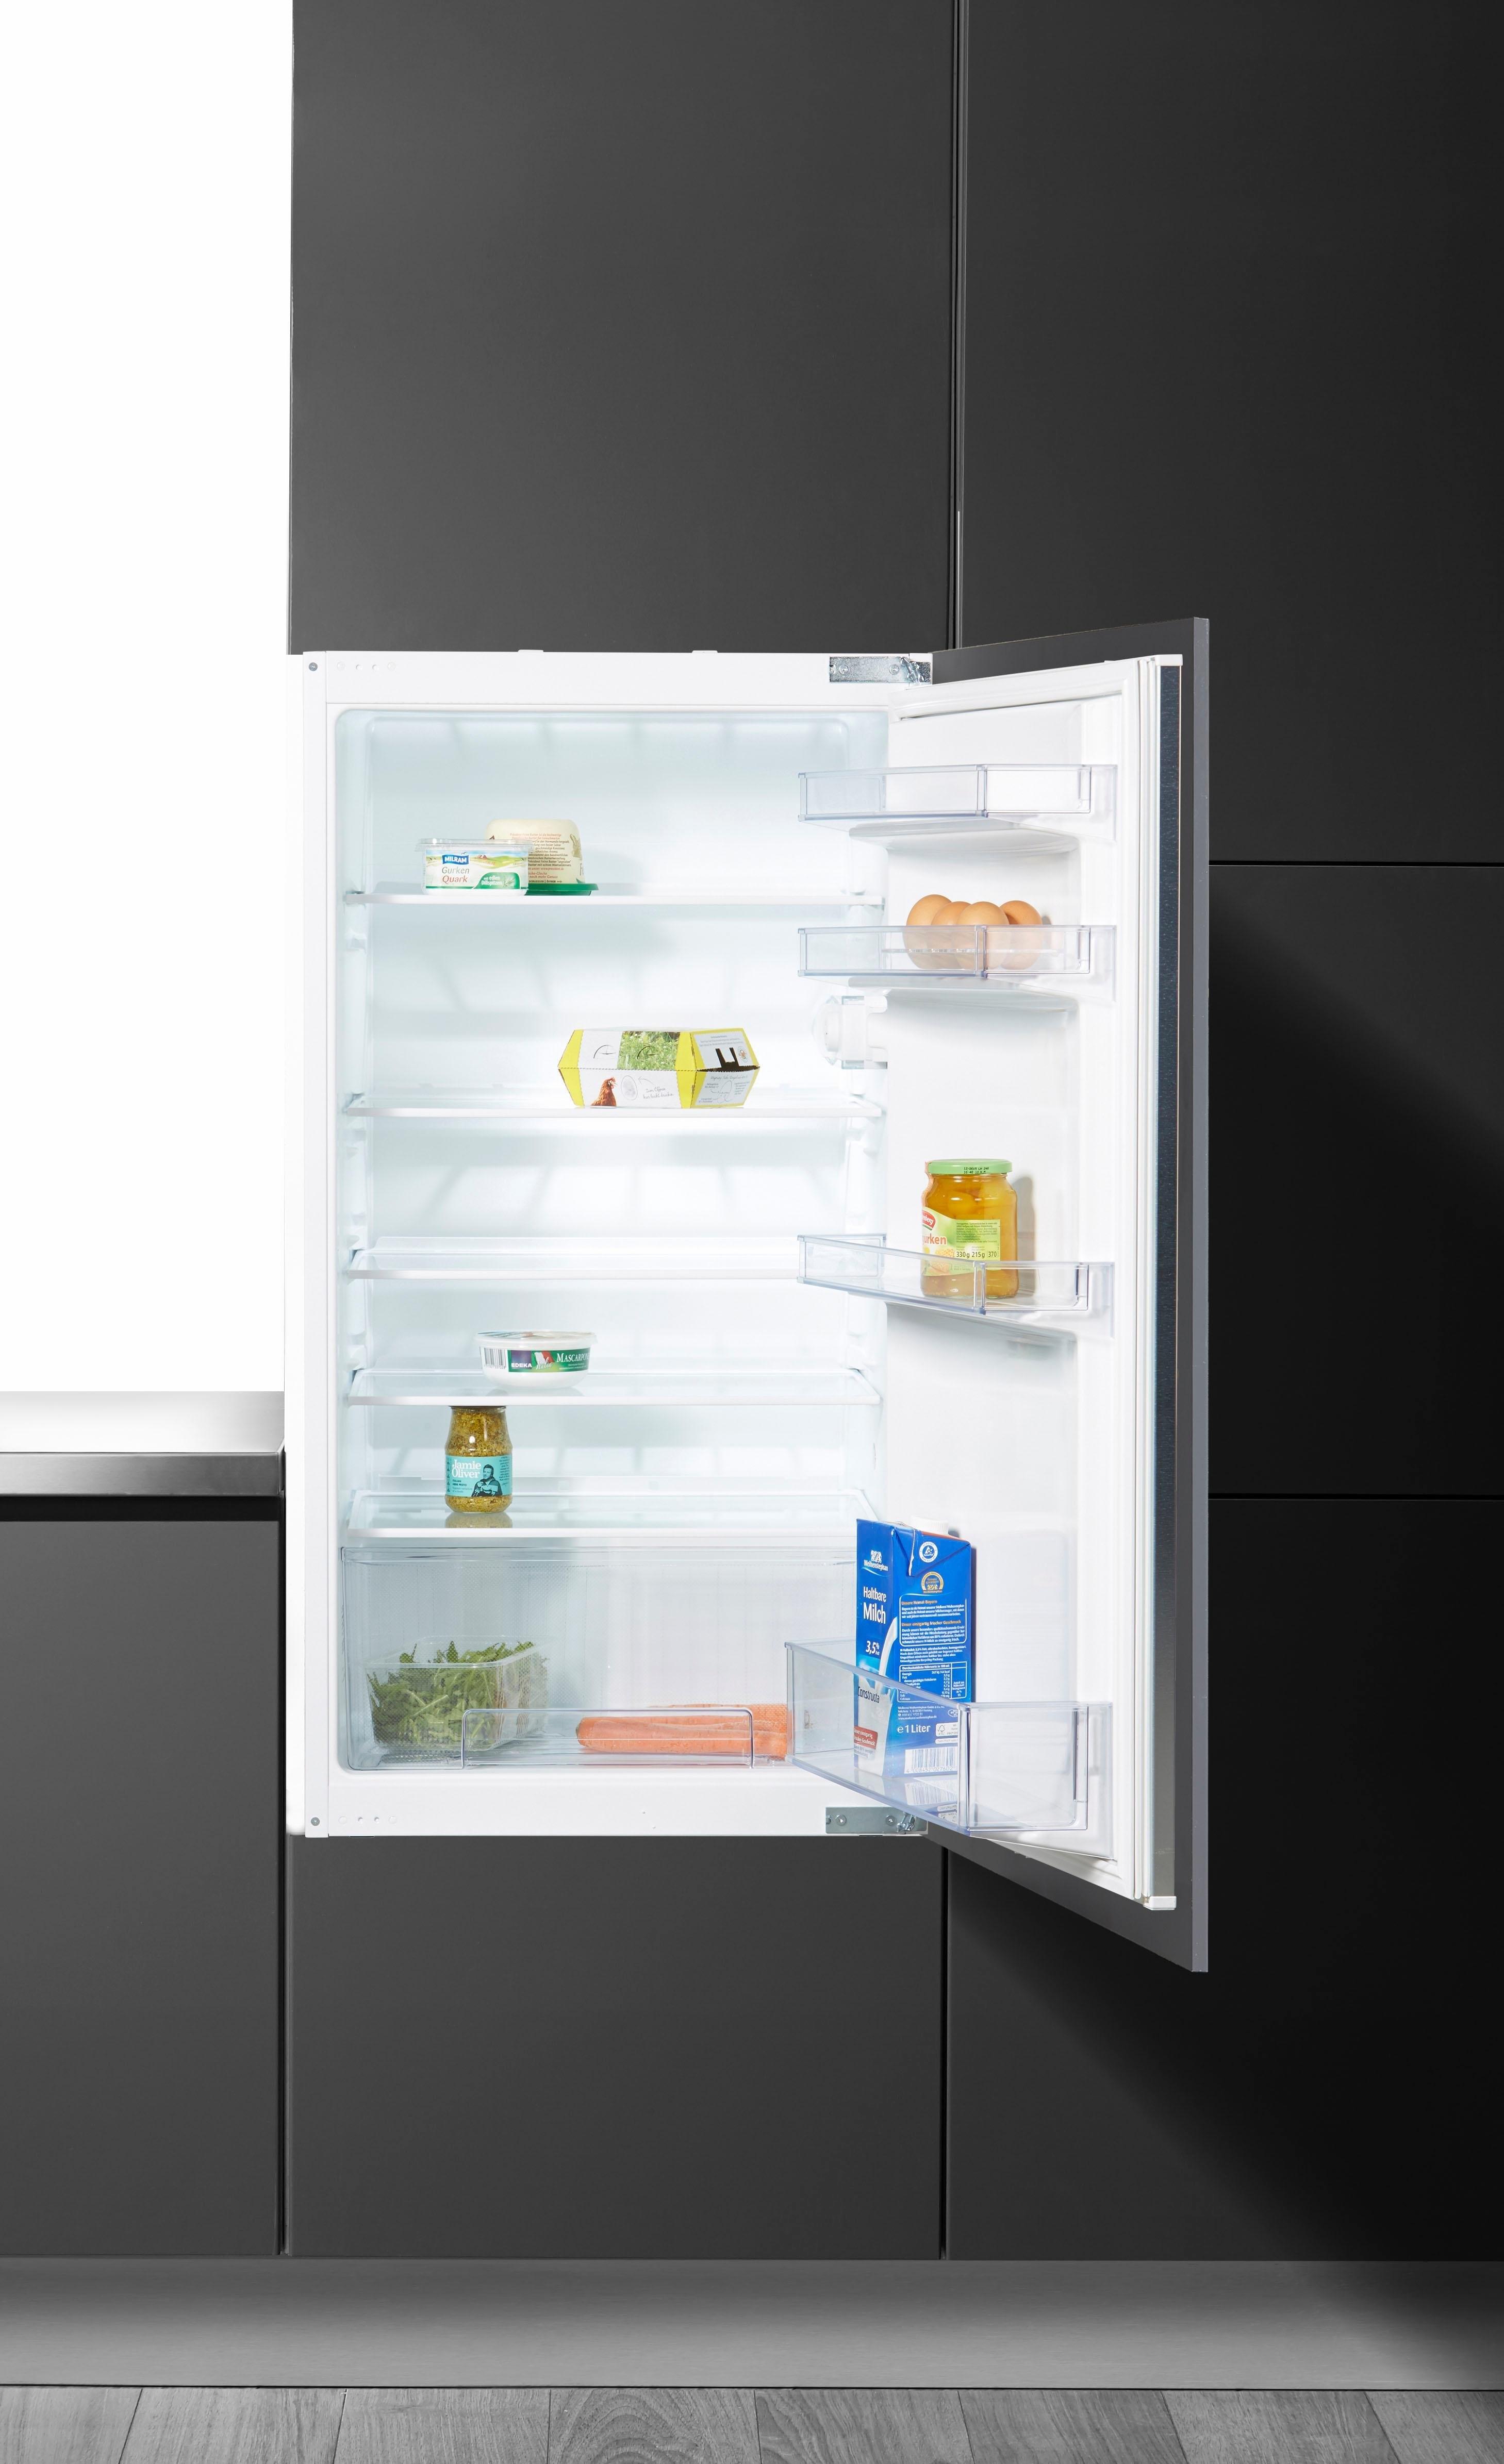 Constructa integreerbare inbouwkoelkast CK60305, energieklasse A+, 102,1 cm hoog online kopen op otto.nl